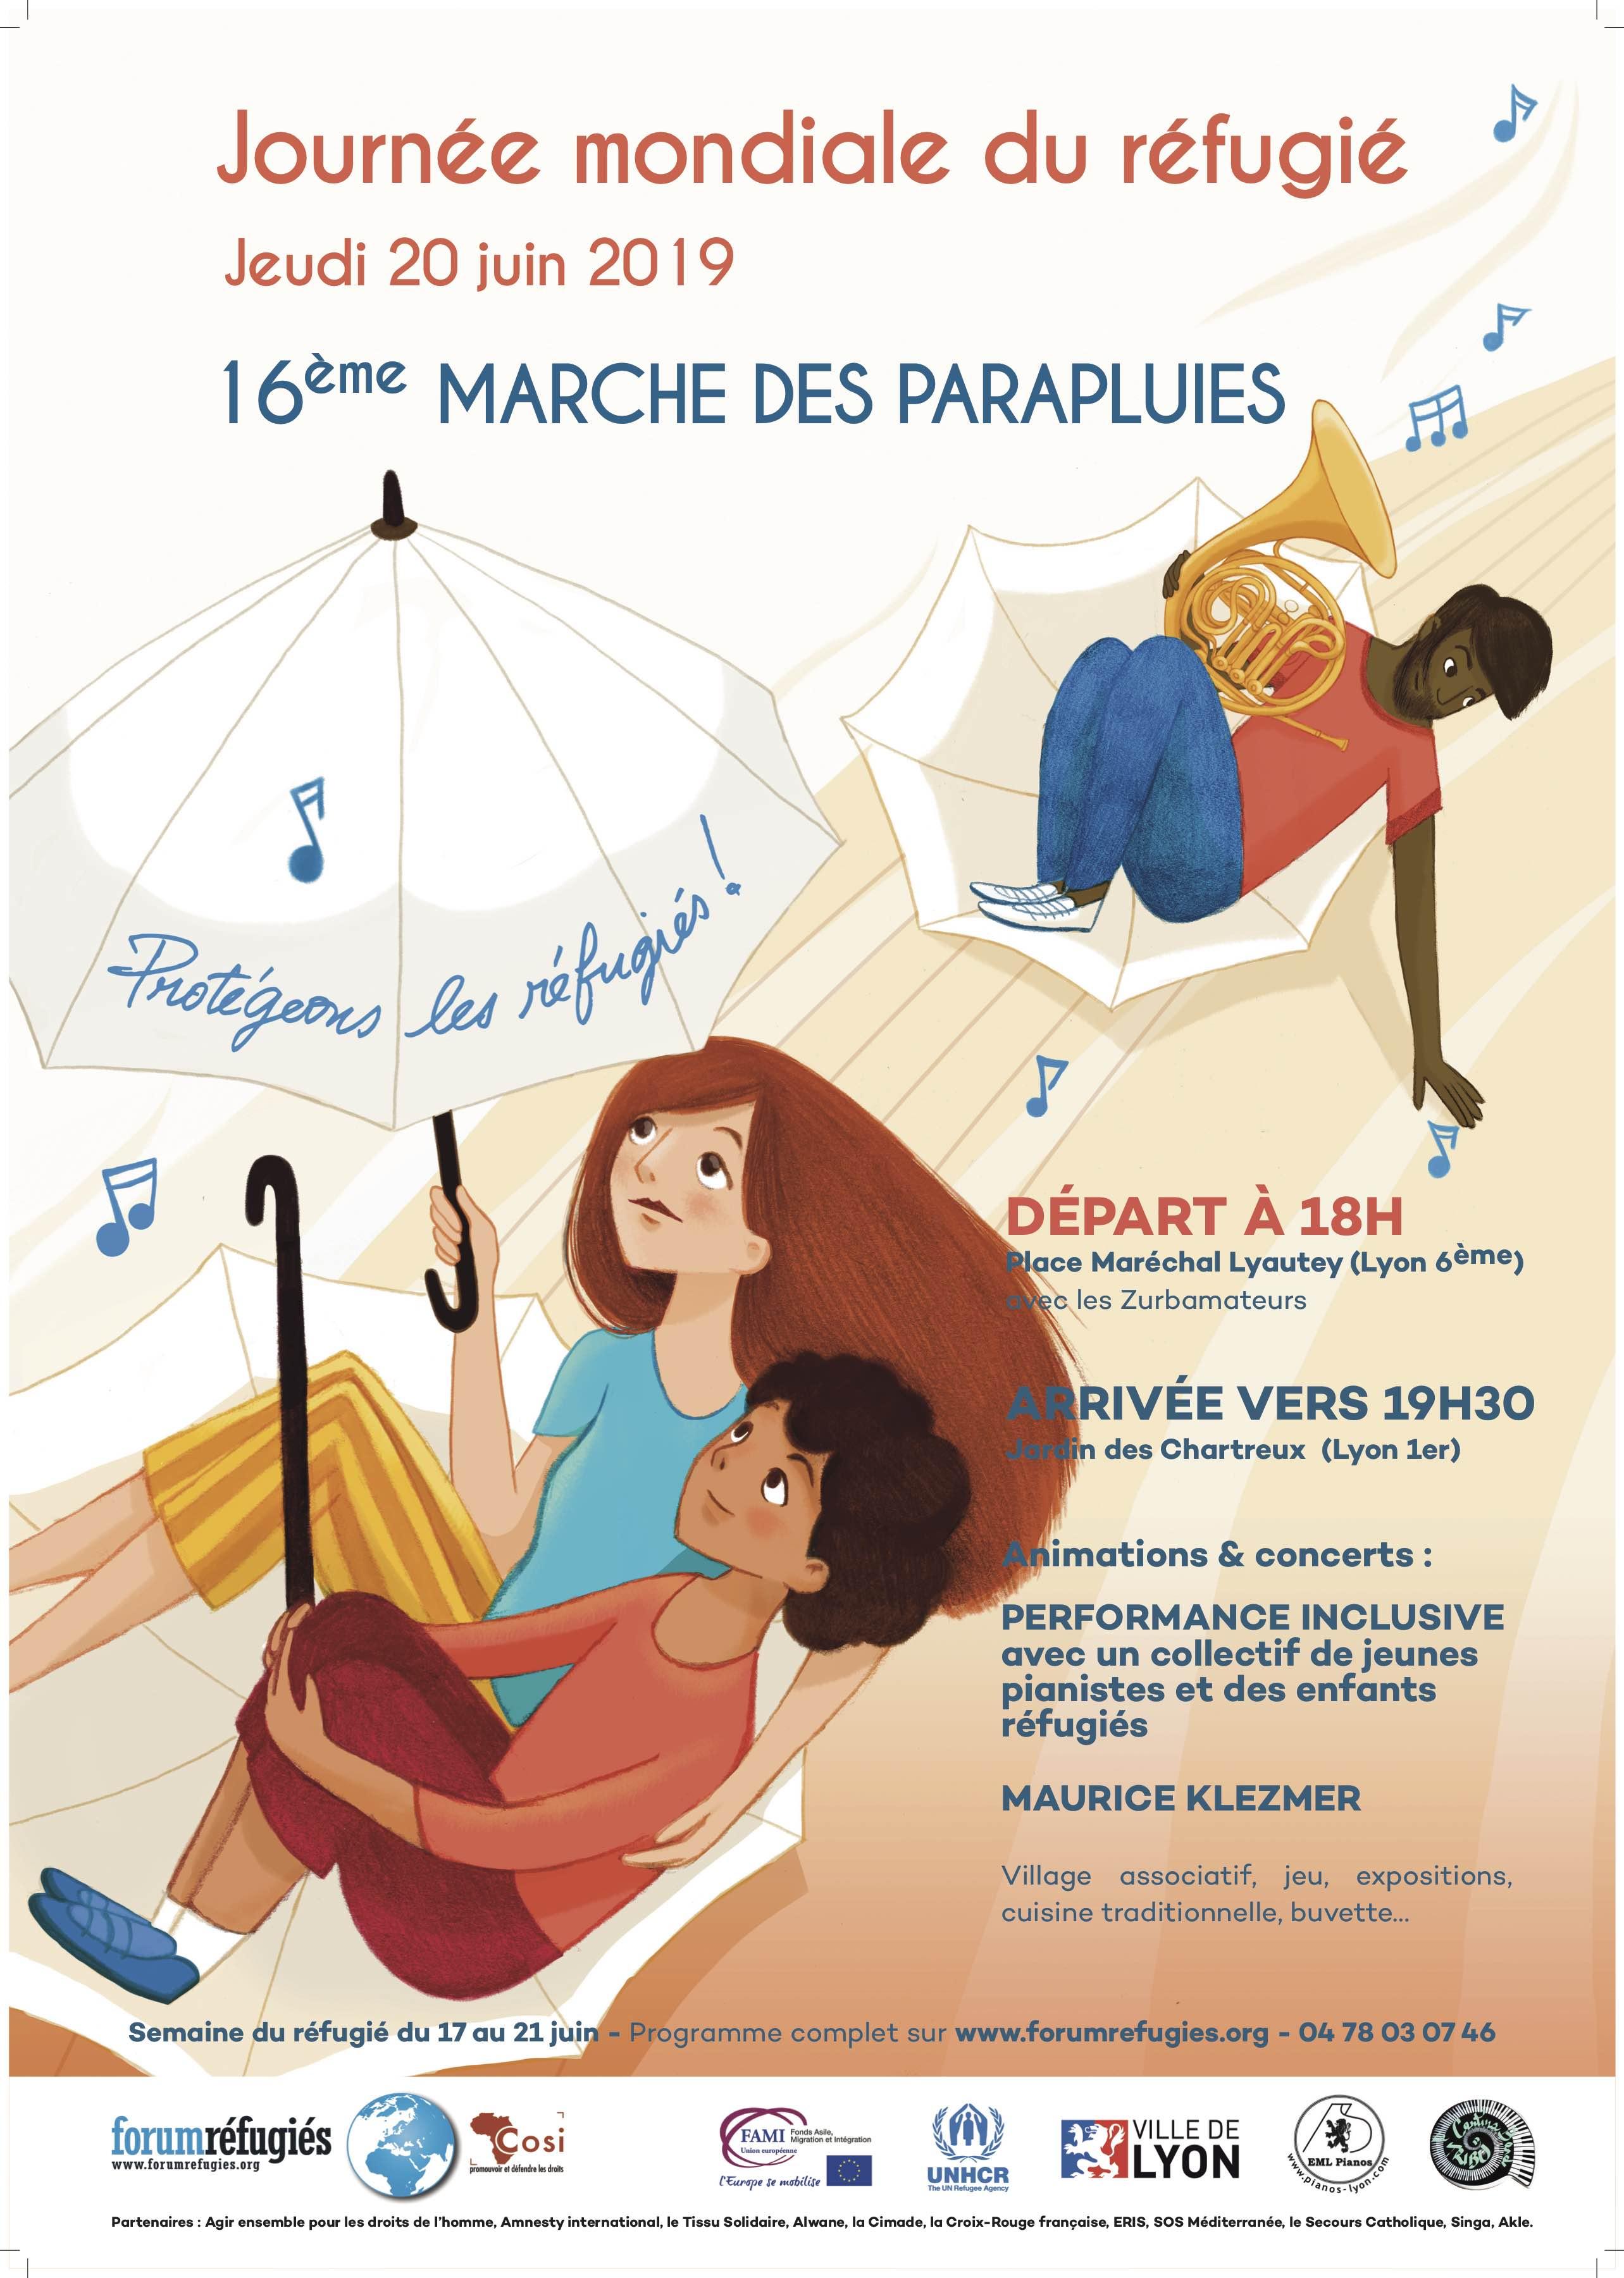 16ème Marche des Parapluies  Journée Mondiale du Réfugié